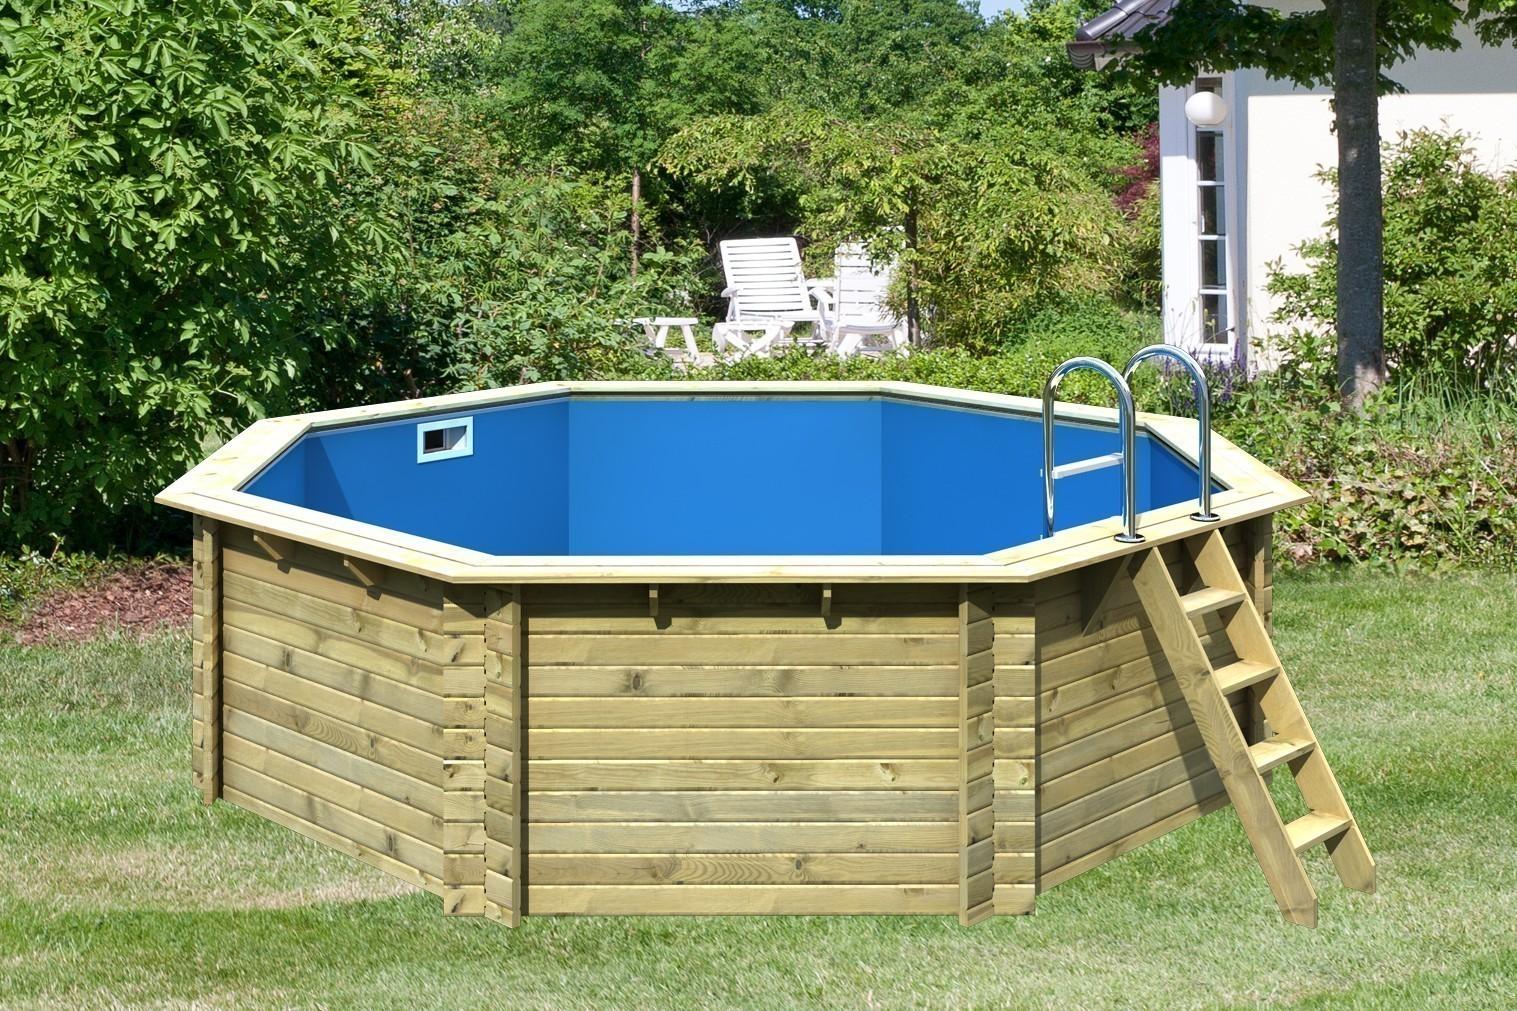 Karibu Pool Classic Modell 2 Variante A kdi 470x470cm Bild 1